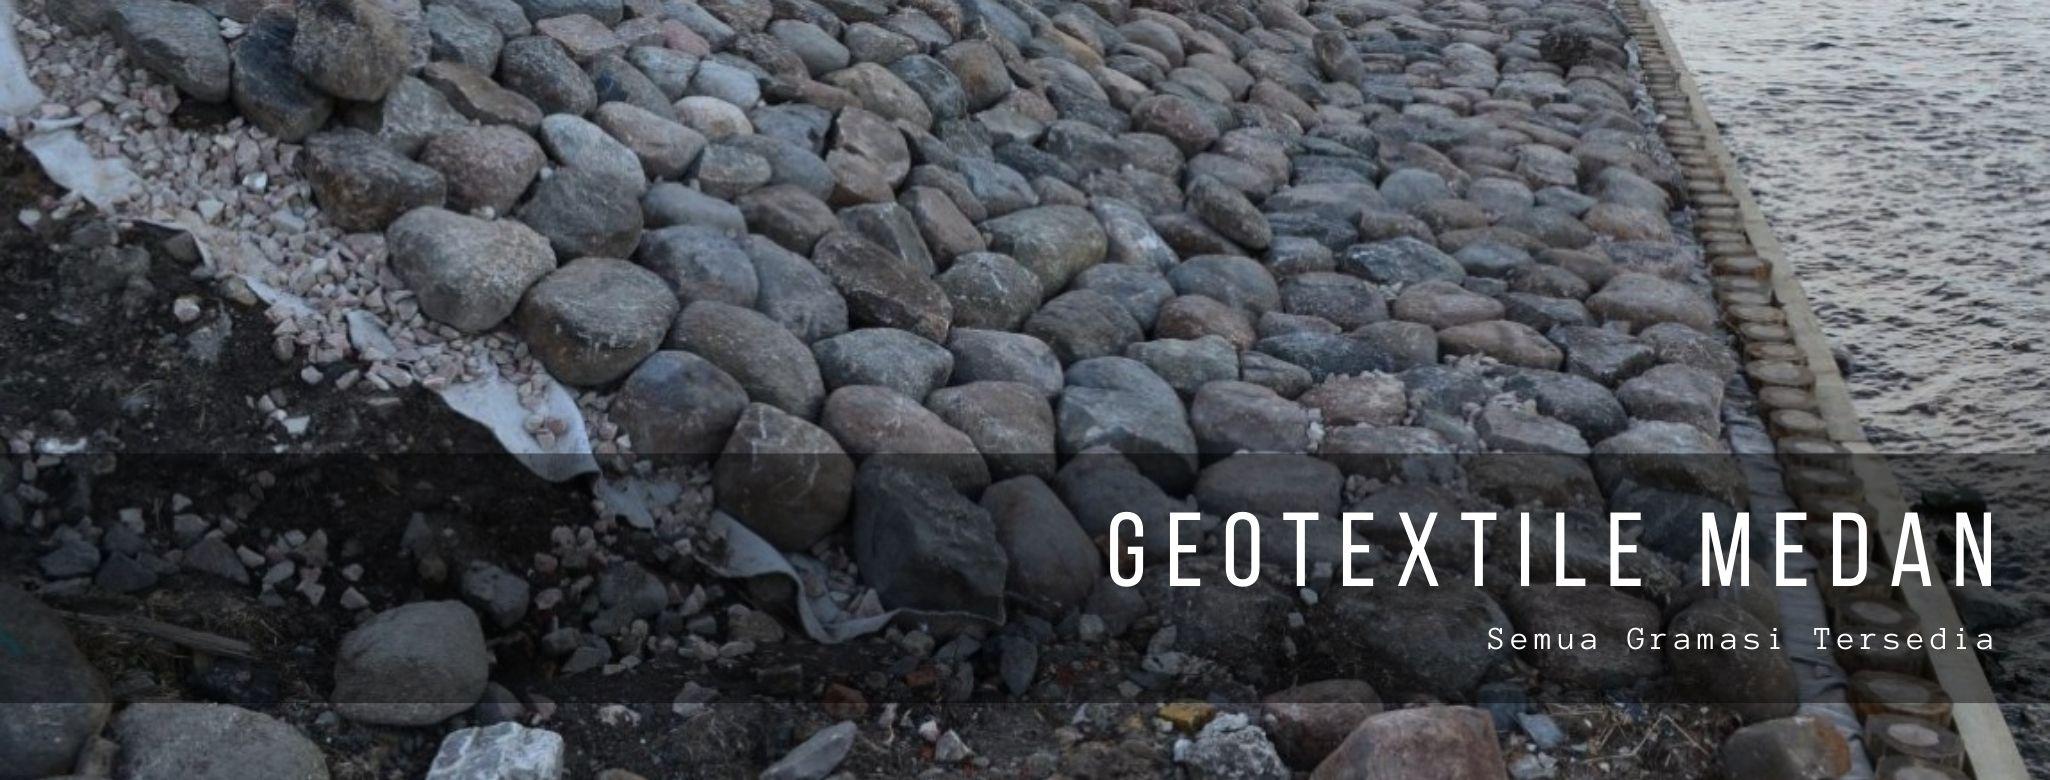 Geotextile Medan, Semua Gramasi Tersedia